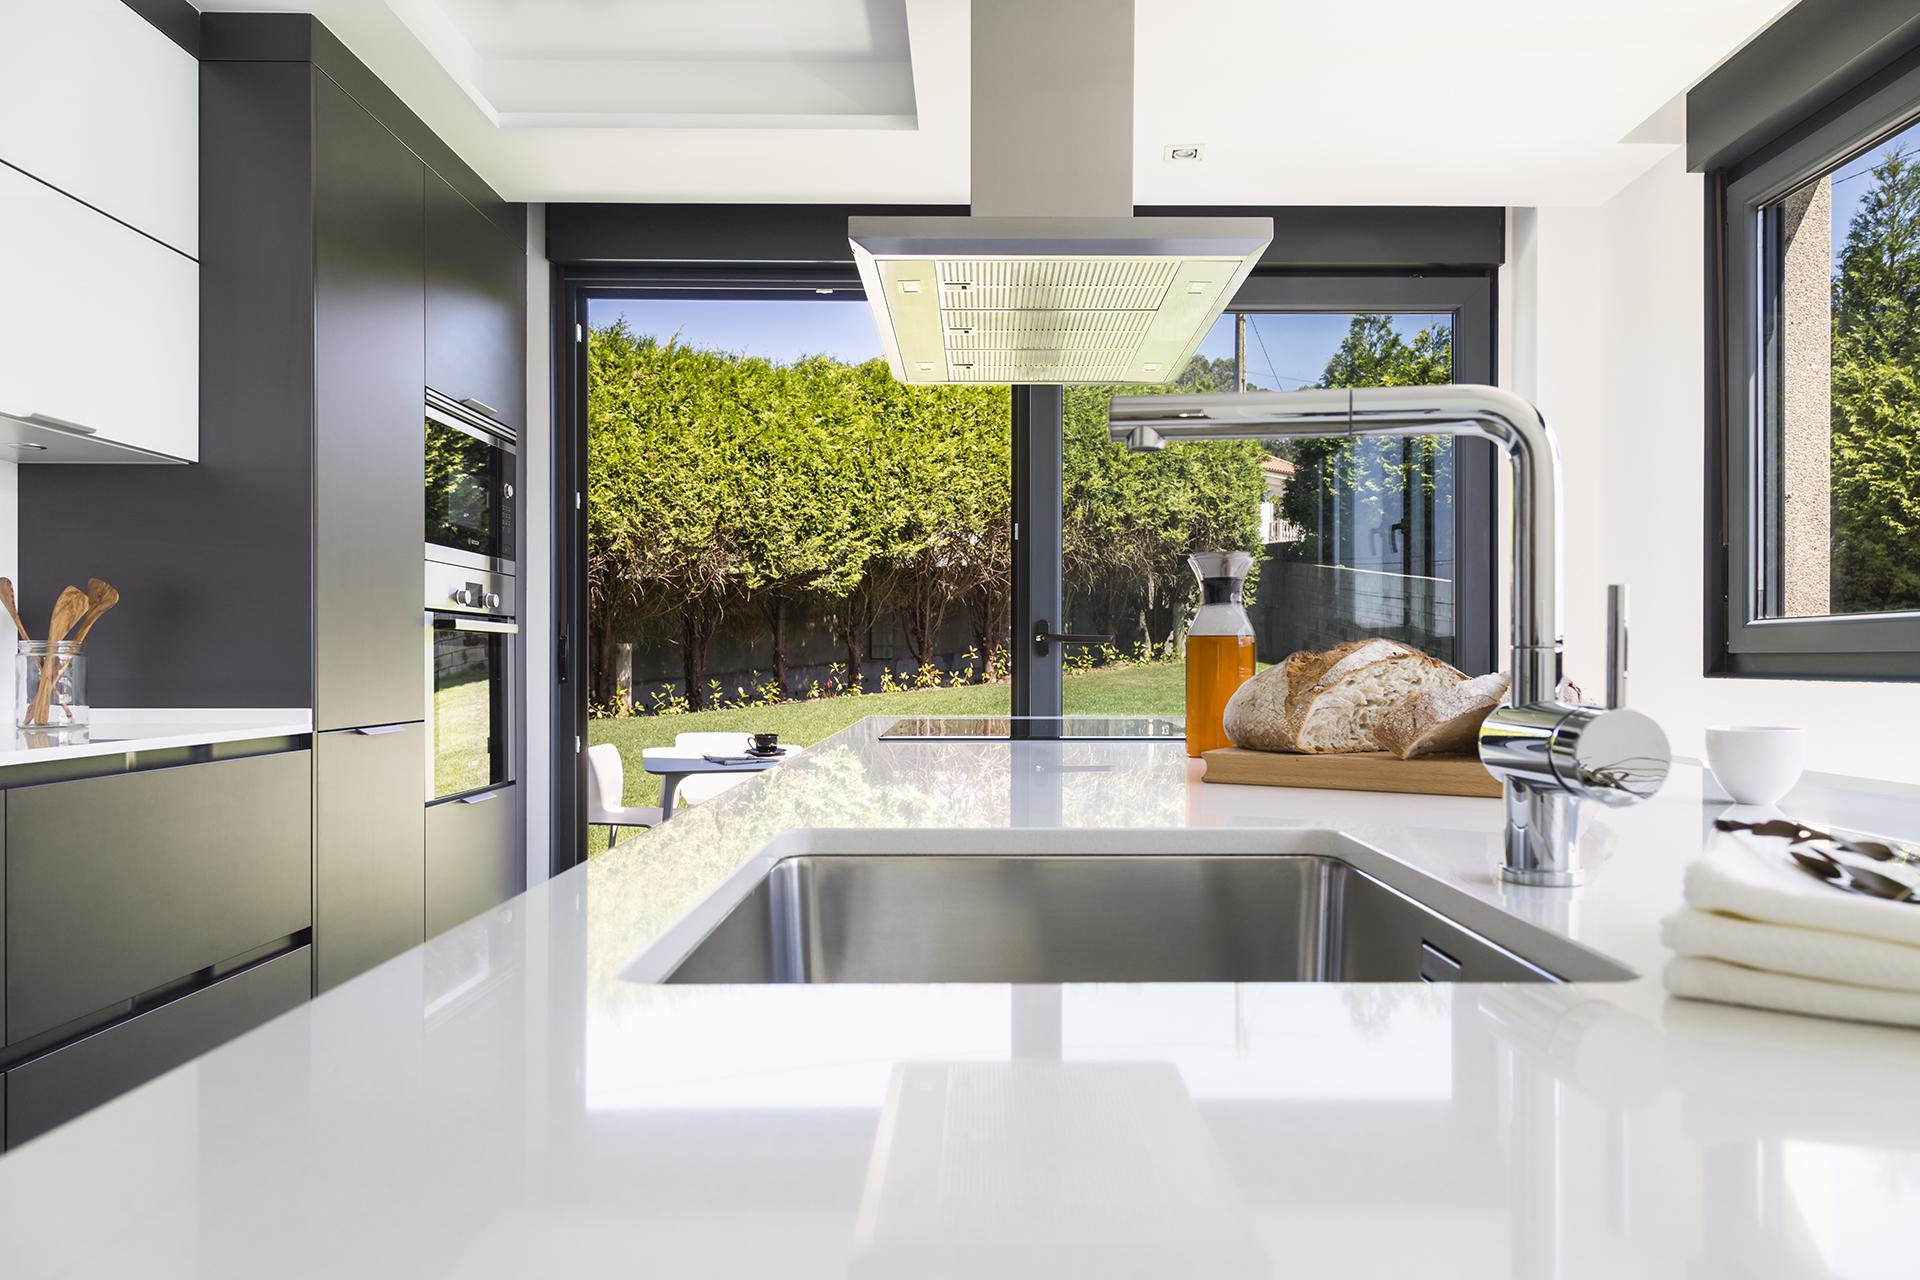 Cocina abierta al jardín Santiago Interiores